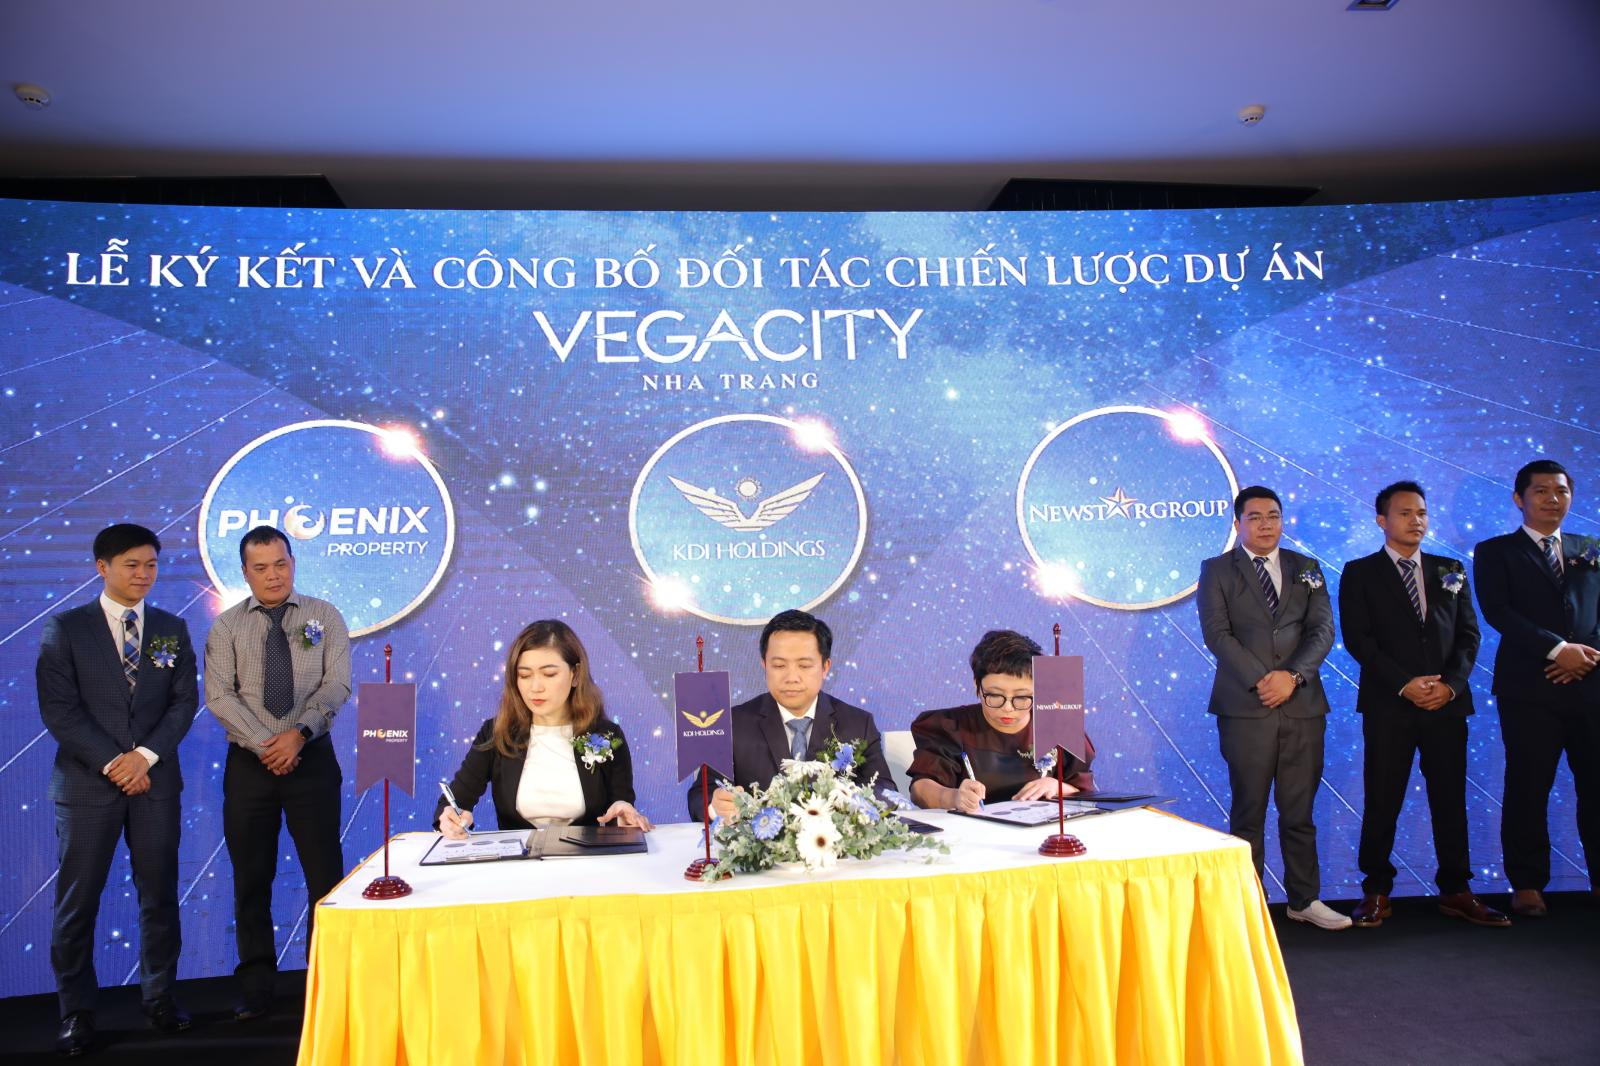 20210204100313 9bbb Tin thị trường BĐS mới: Dự án Vega City Nha Trang công bố đối tác chiến lược hàng đầu